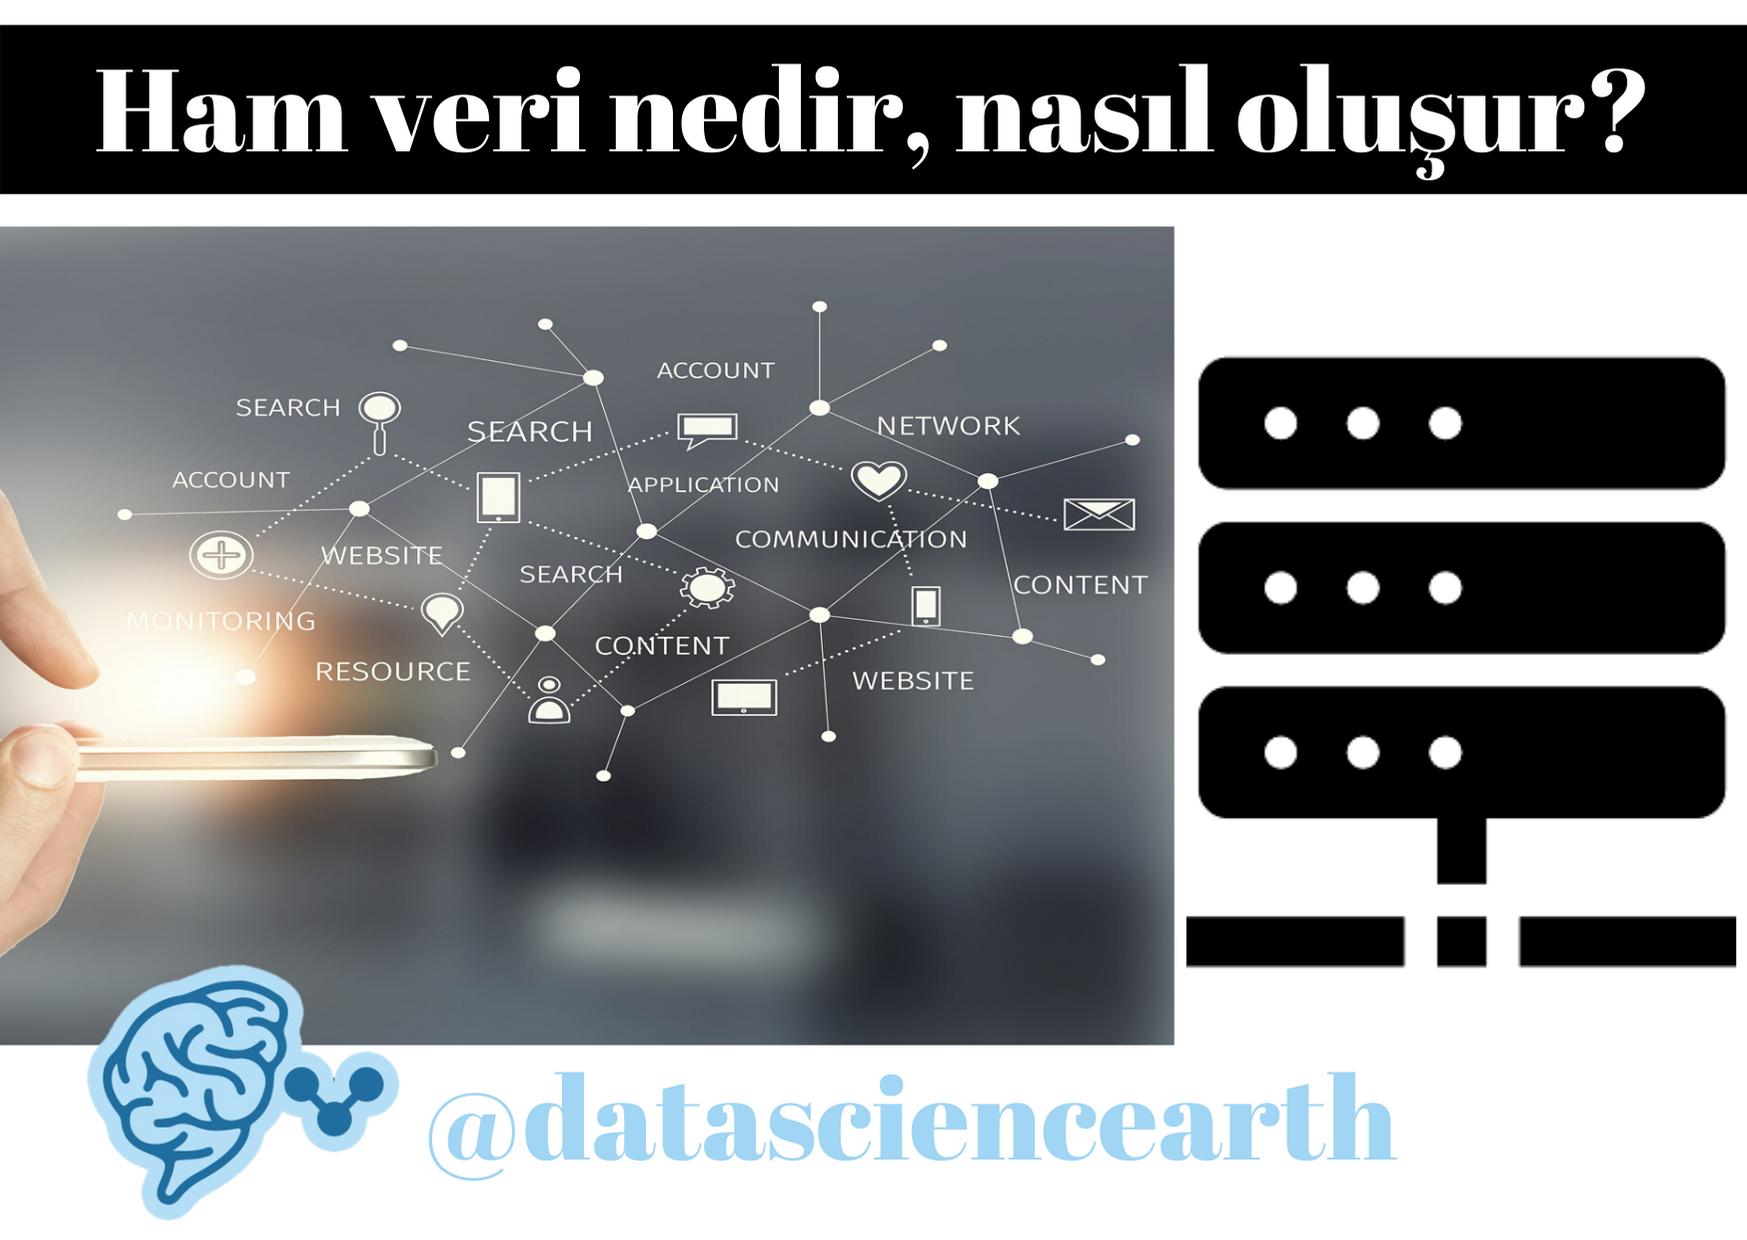 Küçük veri, büyük veri ve ham veri